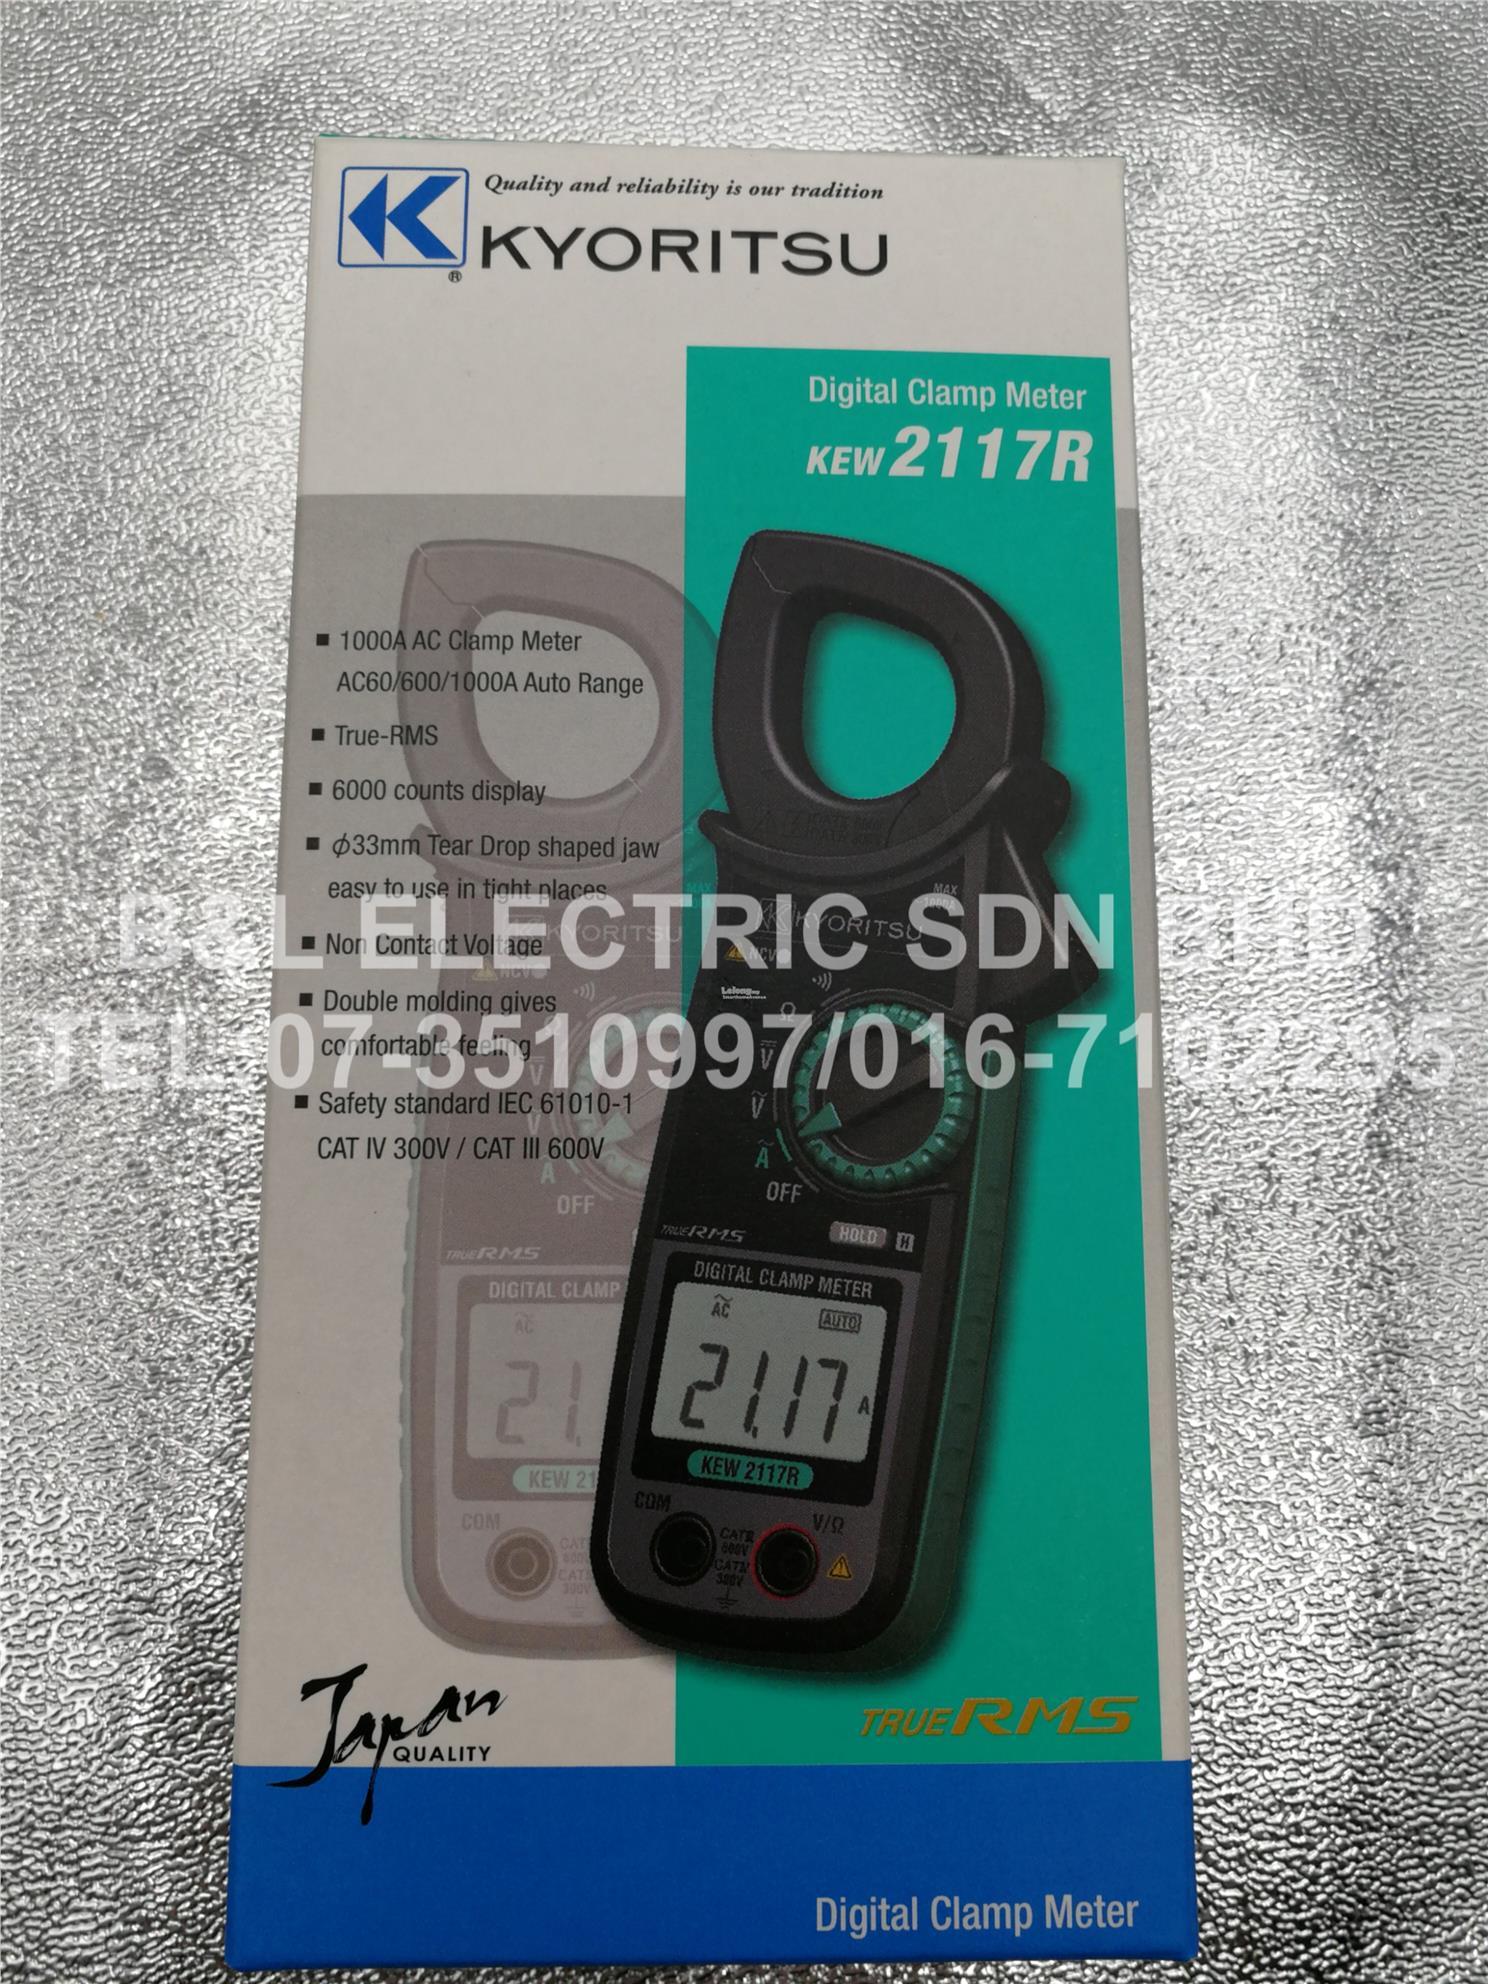 Kyoritsu Kew 2117r Digital Clamp Meter Daftar Harga Terbaru True Rms 2300r Ac